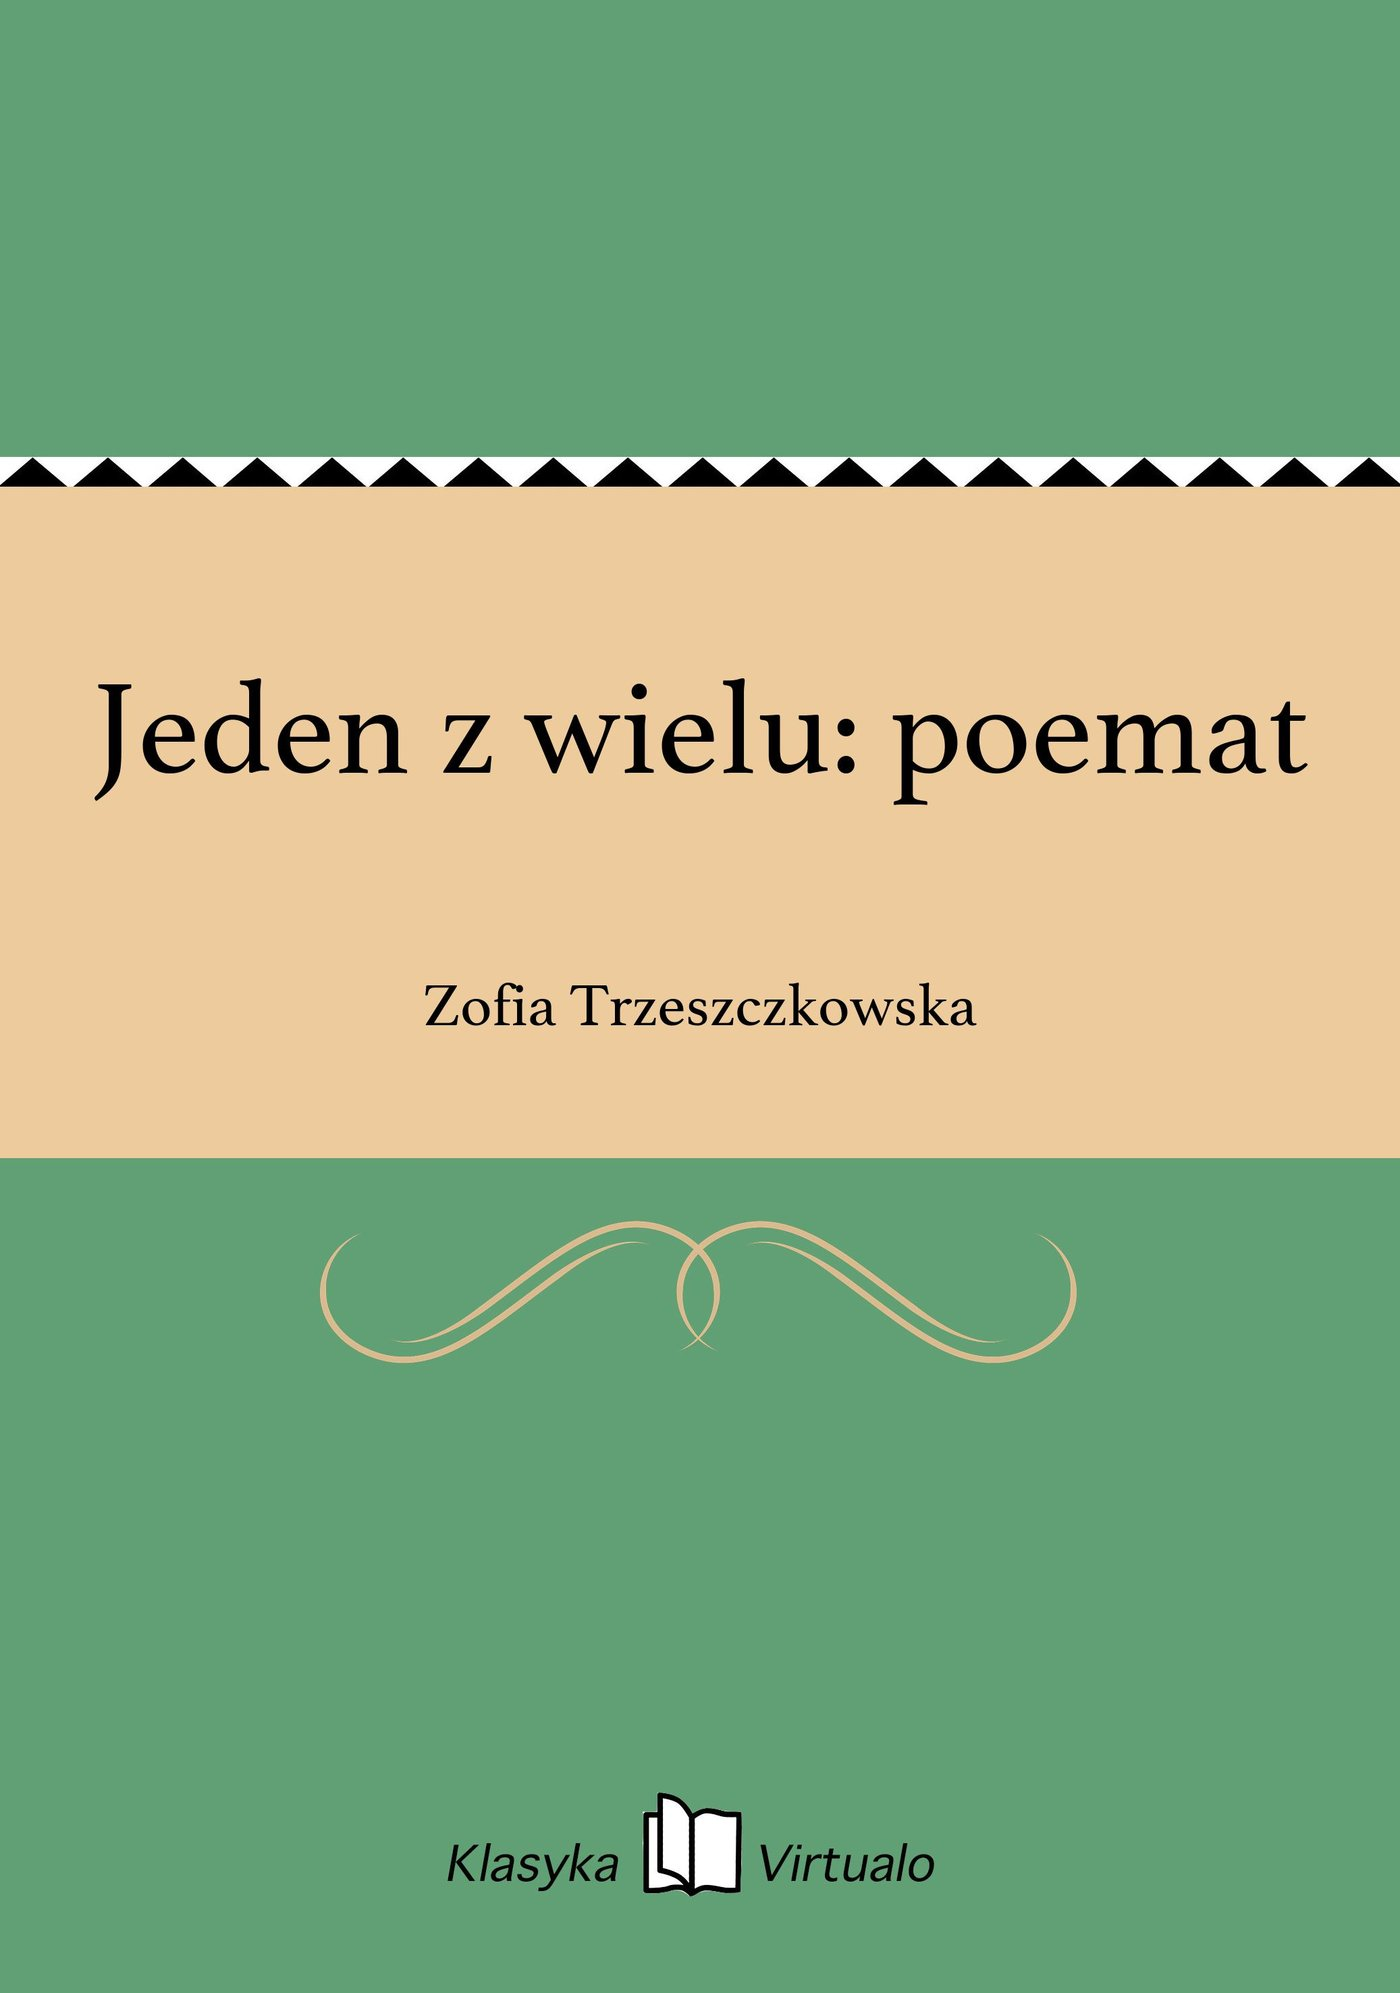 Jeden z wielu: poemat - Ebook (Książka na Kindle) do pobrania w formacie MOBI